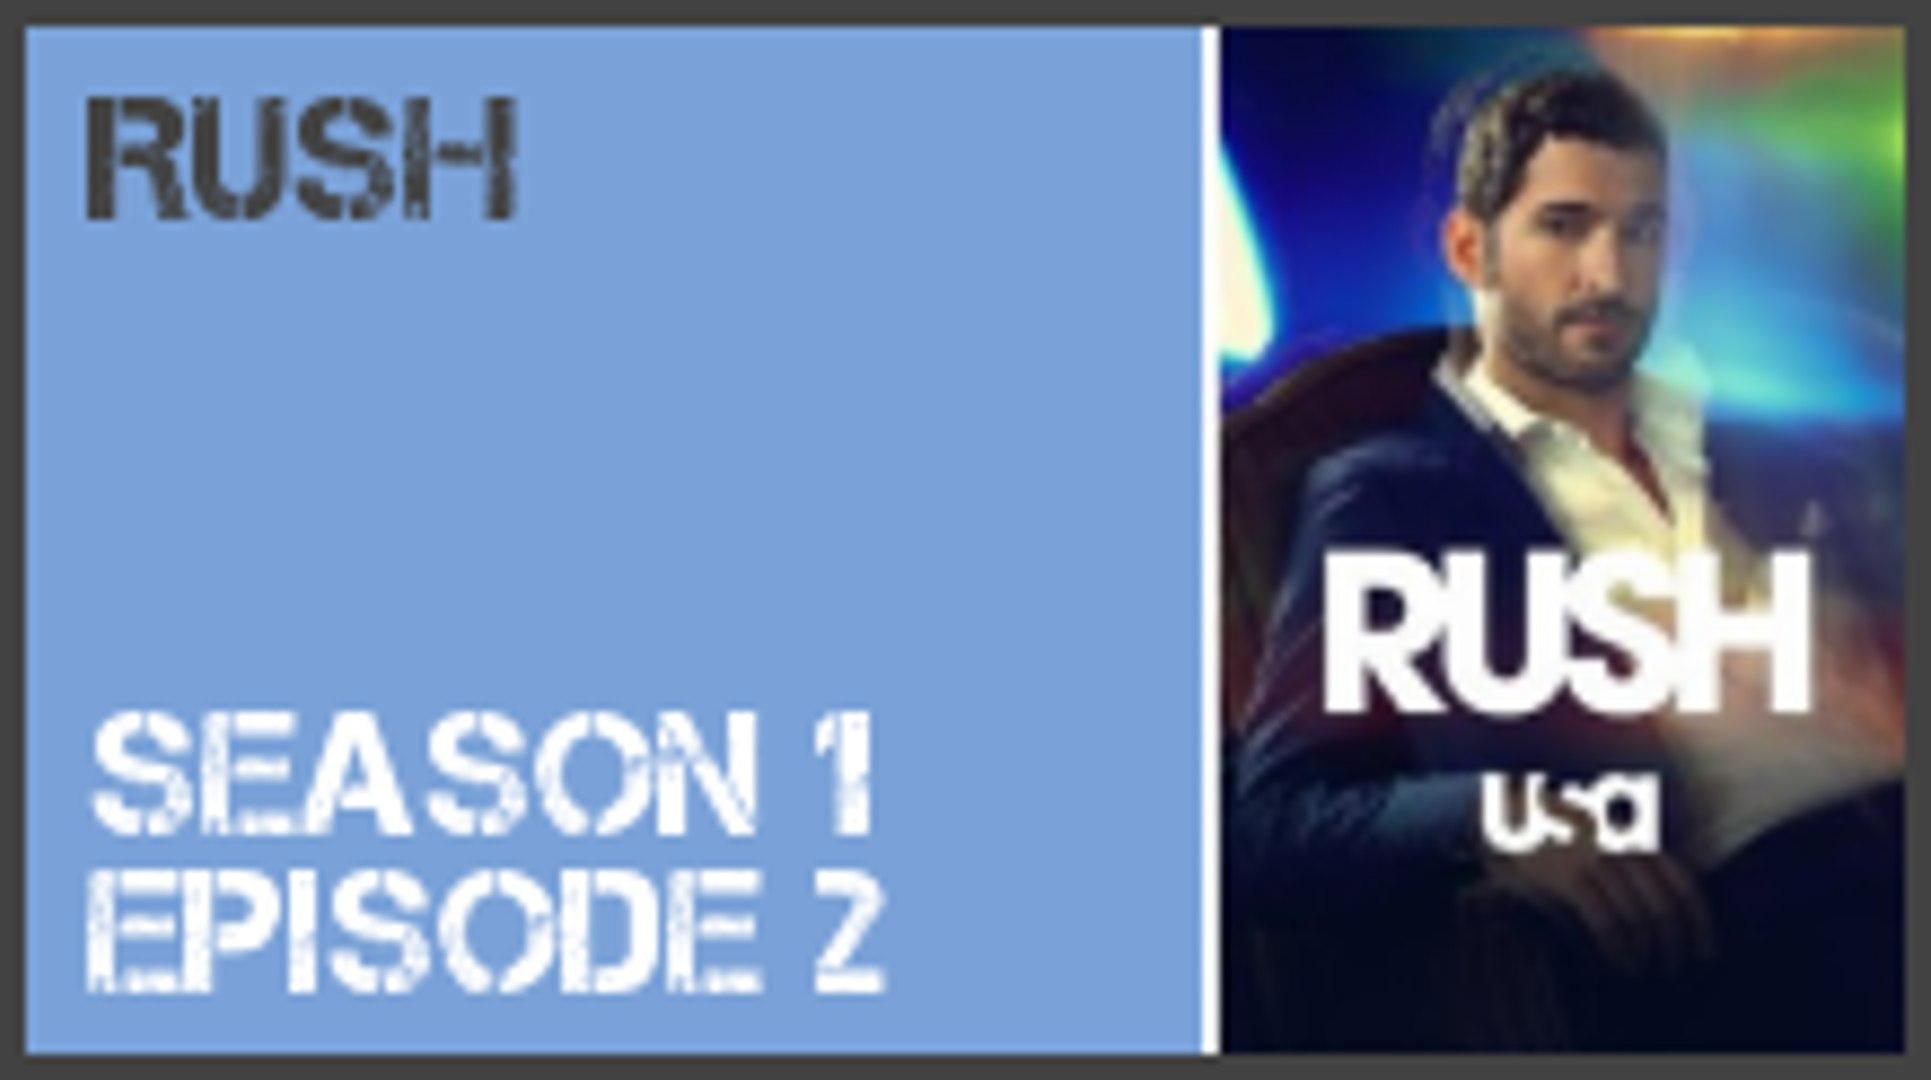 Rush season 1 episode 2 s1e2